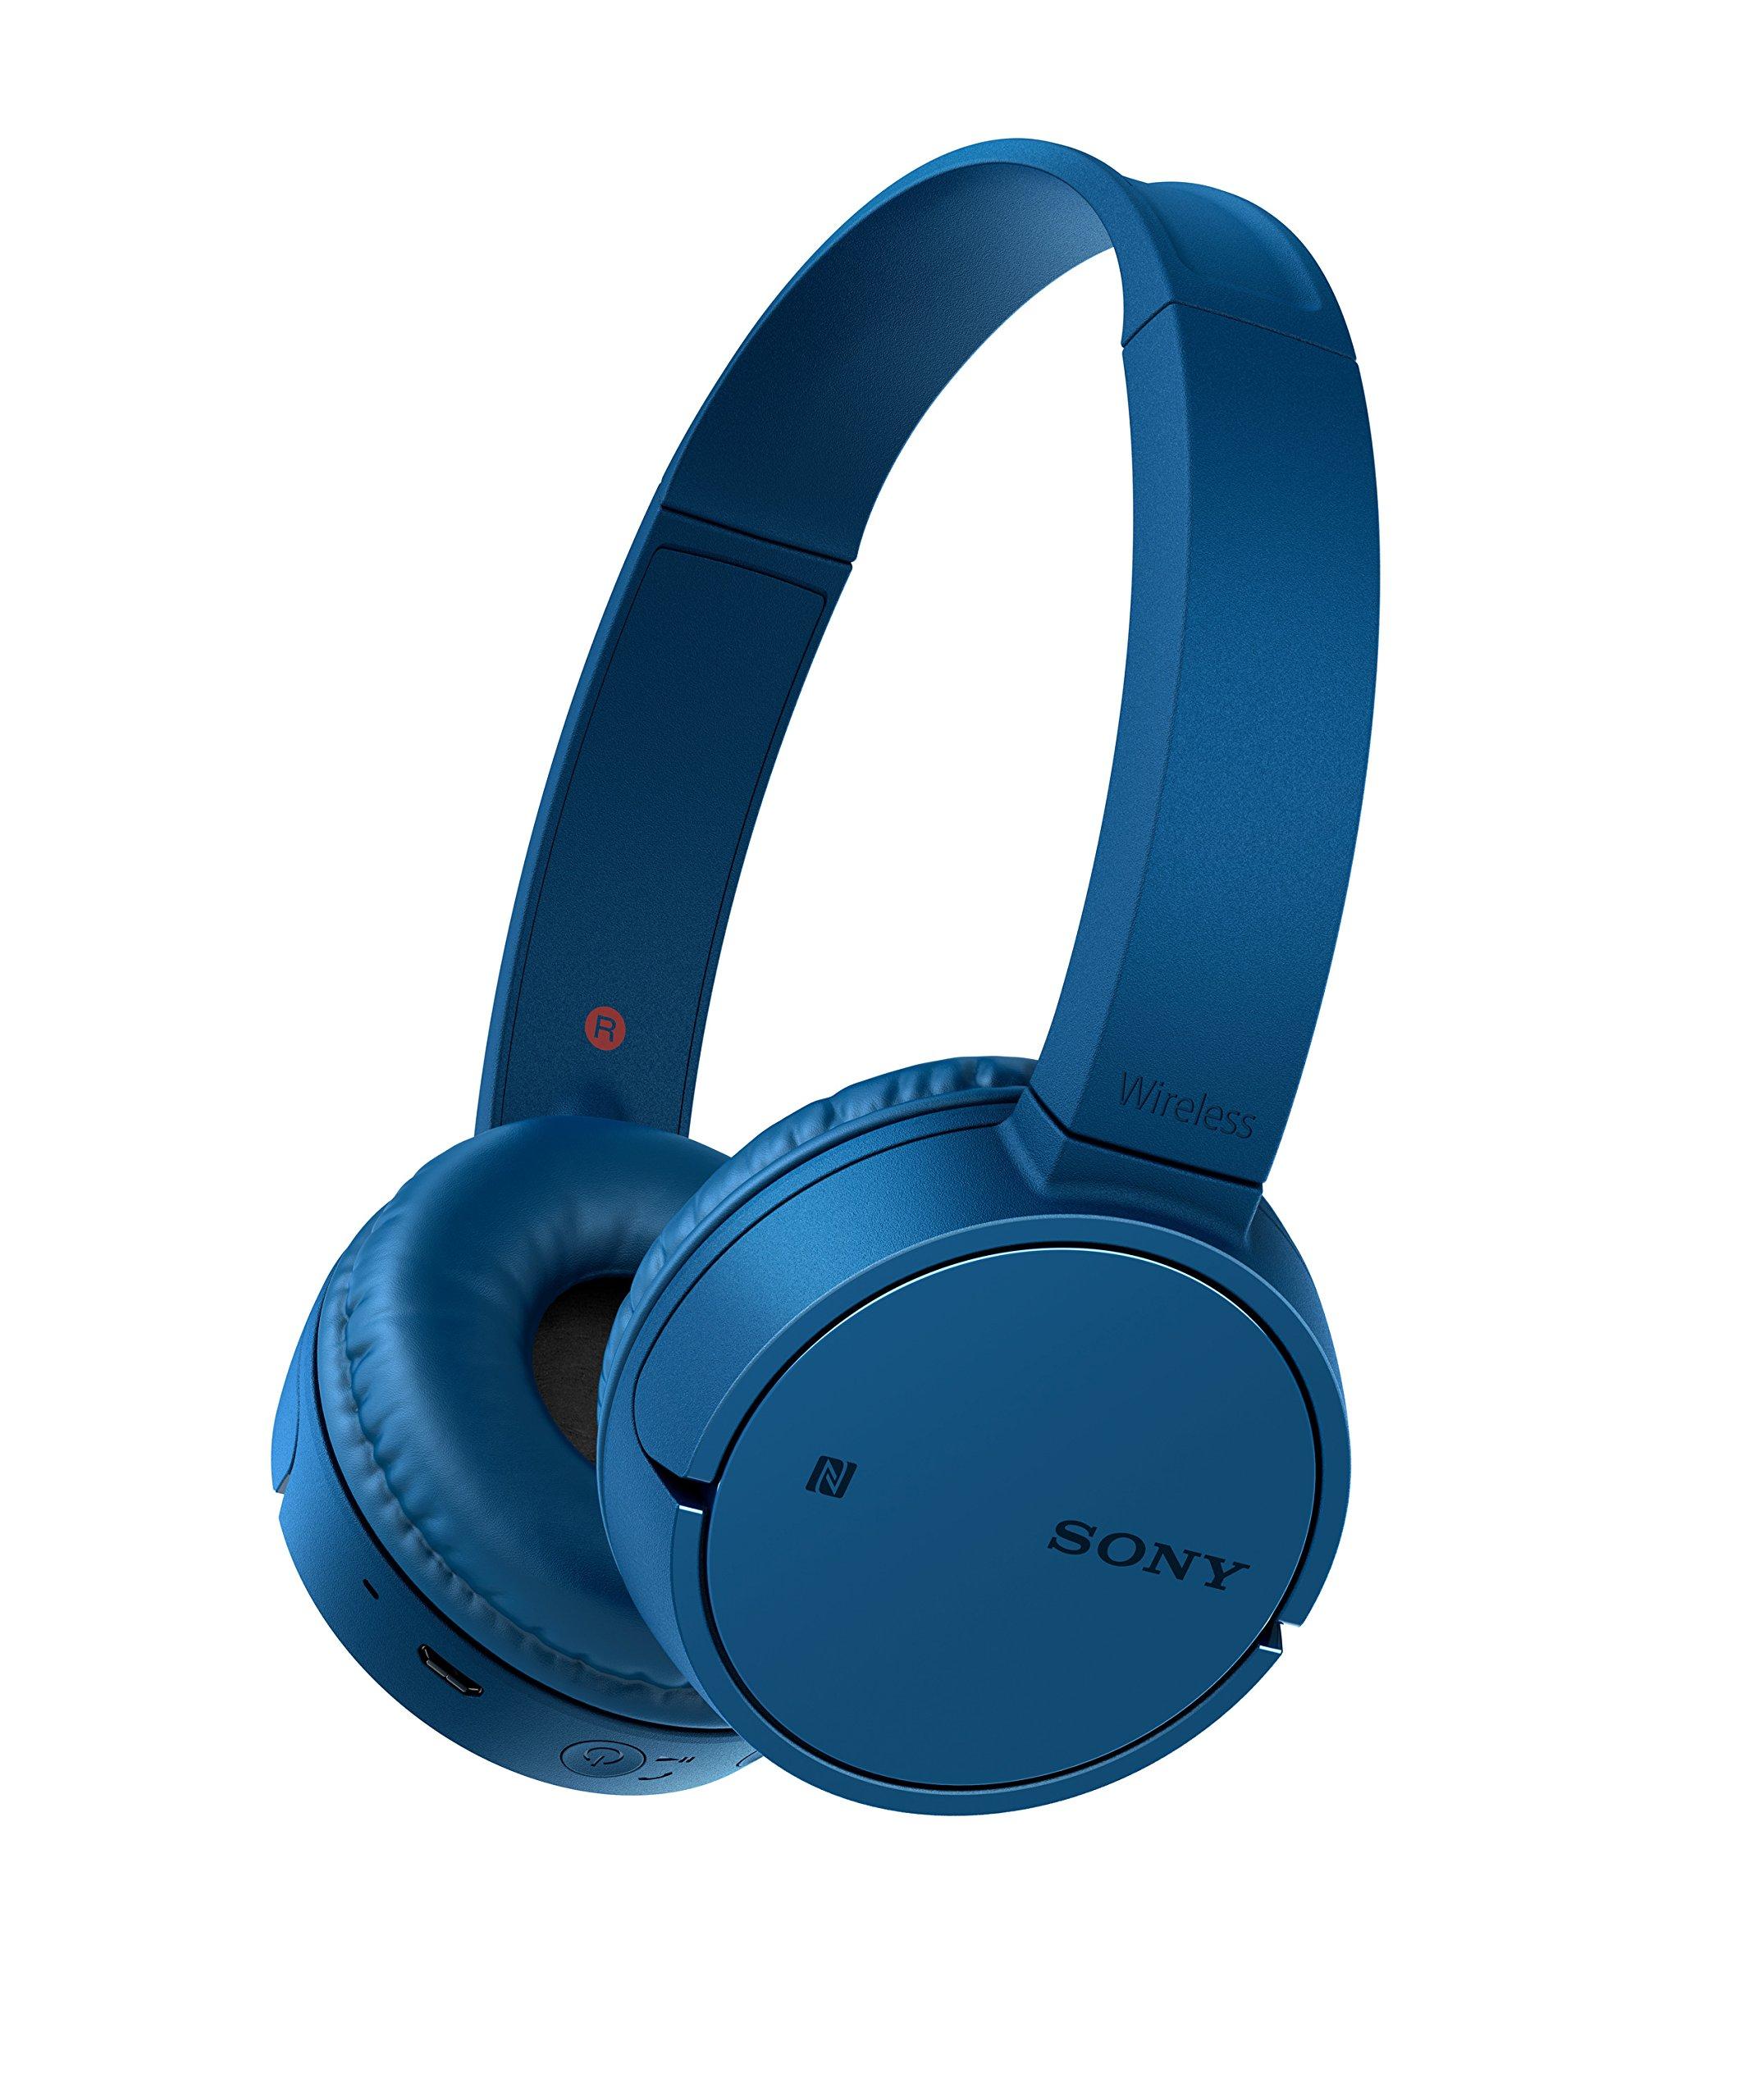 Sony WHCH500L.CE7 - Auriculares inalámbricos de Diadema, diafragma DE 30 mm, Manos Libres: Sony: Amazon.es: Electrónica